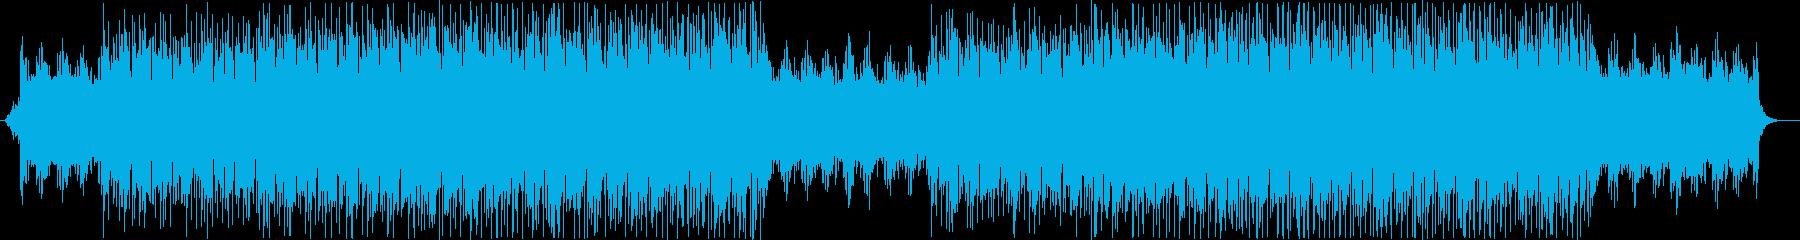 爽やかでポップなピアノのBGMの再生済みの波形